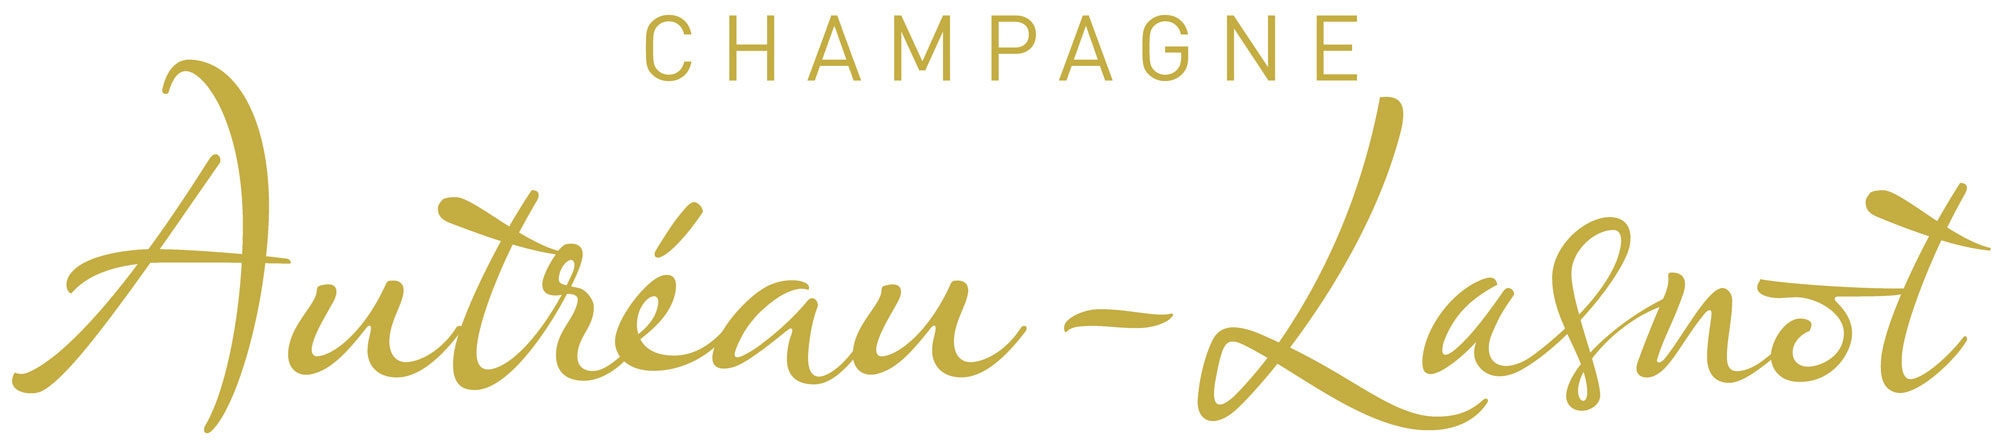 Champagne Autreau-Lasnot